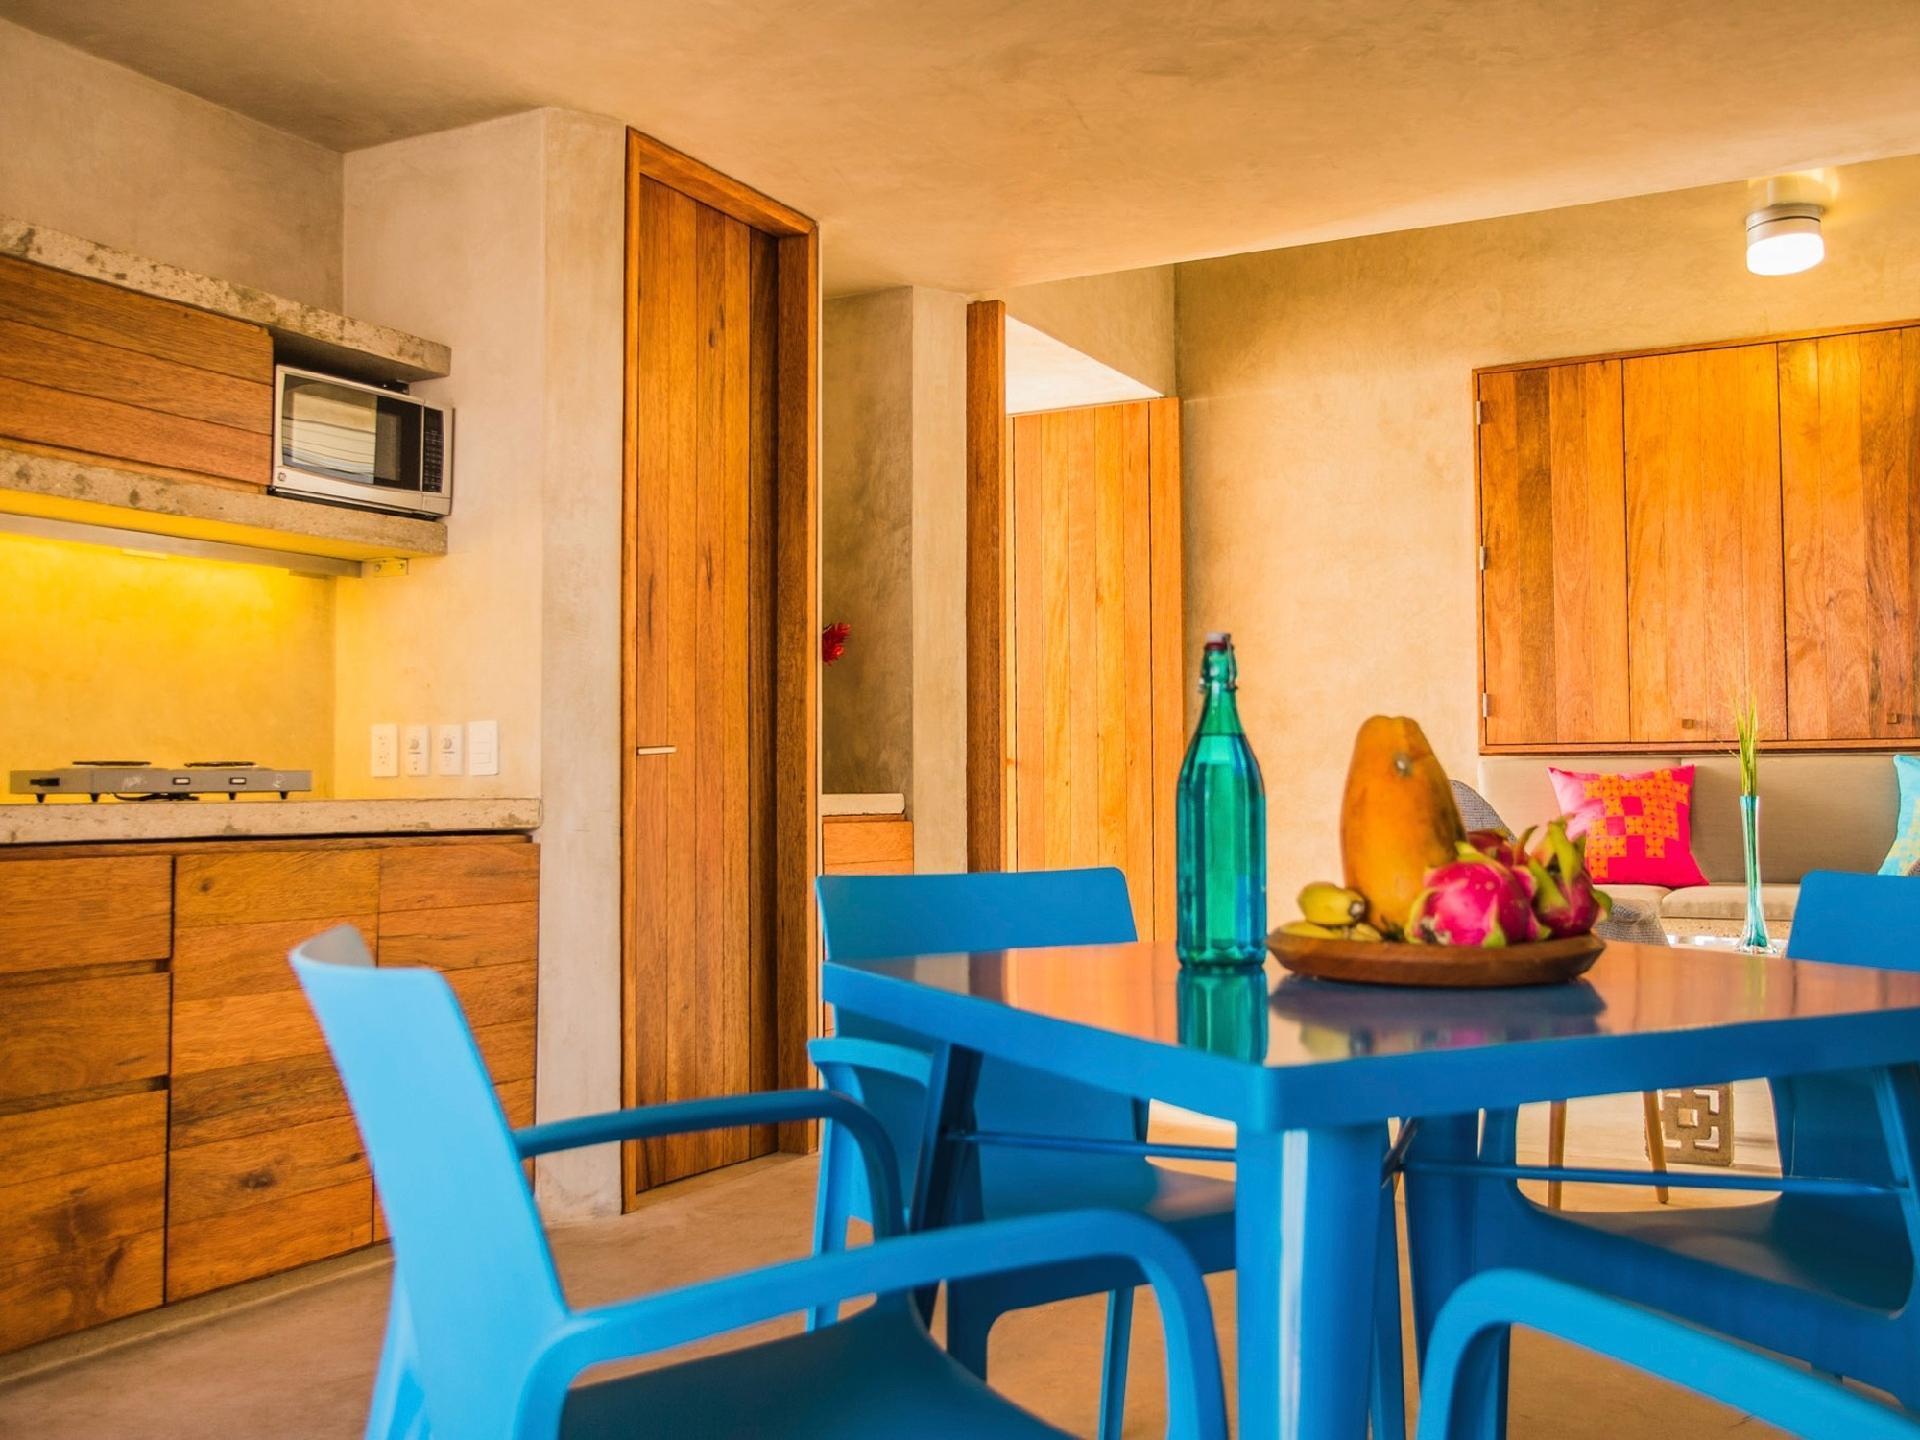 No espaço de jantar, as cadeiras (Offiho Mobili) são de polipropileno e resistentes a umidade, maresia e raios ultravioletas. Também em azul, a mesa Tolix (Innrent) tem estrutura metálica. O projeto desenhado pelo escritório Taco - Taller de Arquitectura Contextual para a casa Gabriela priorizou espaços pequenos e integrados. Ao fundo, a porta dá acesso ao banheiro